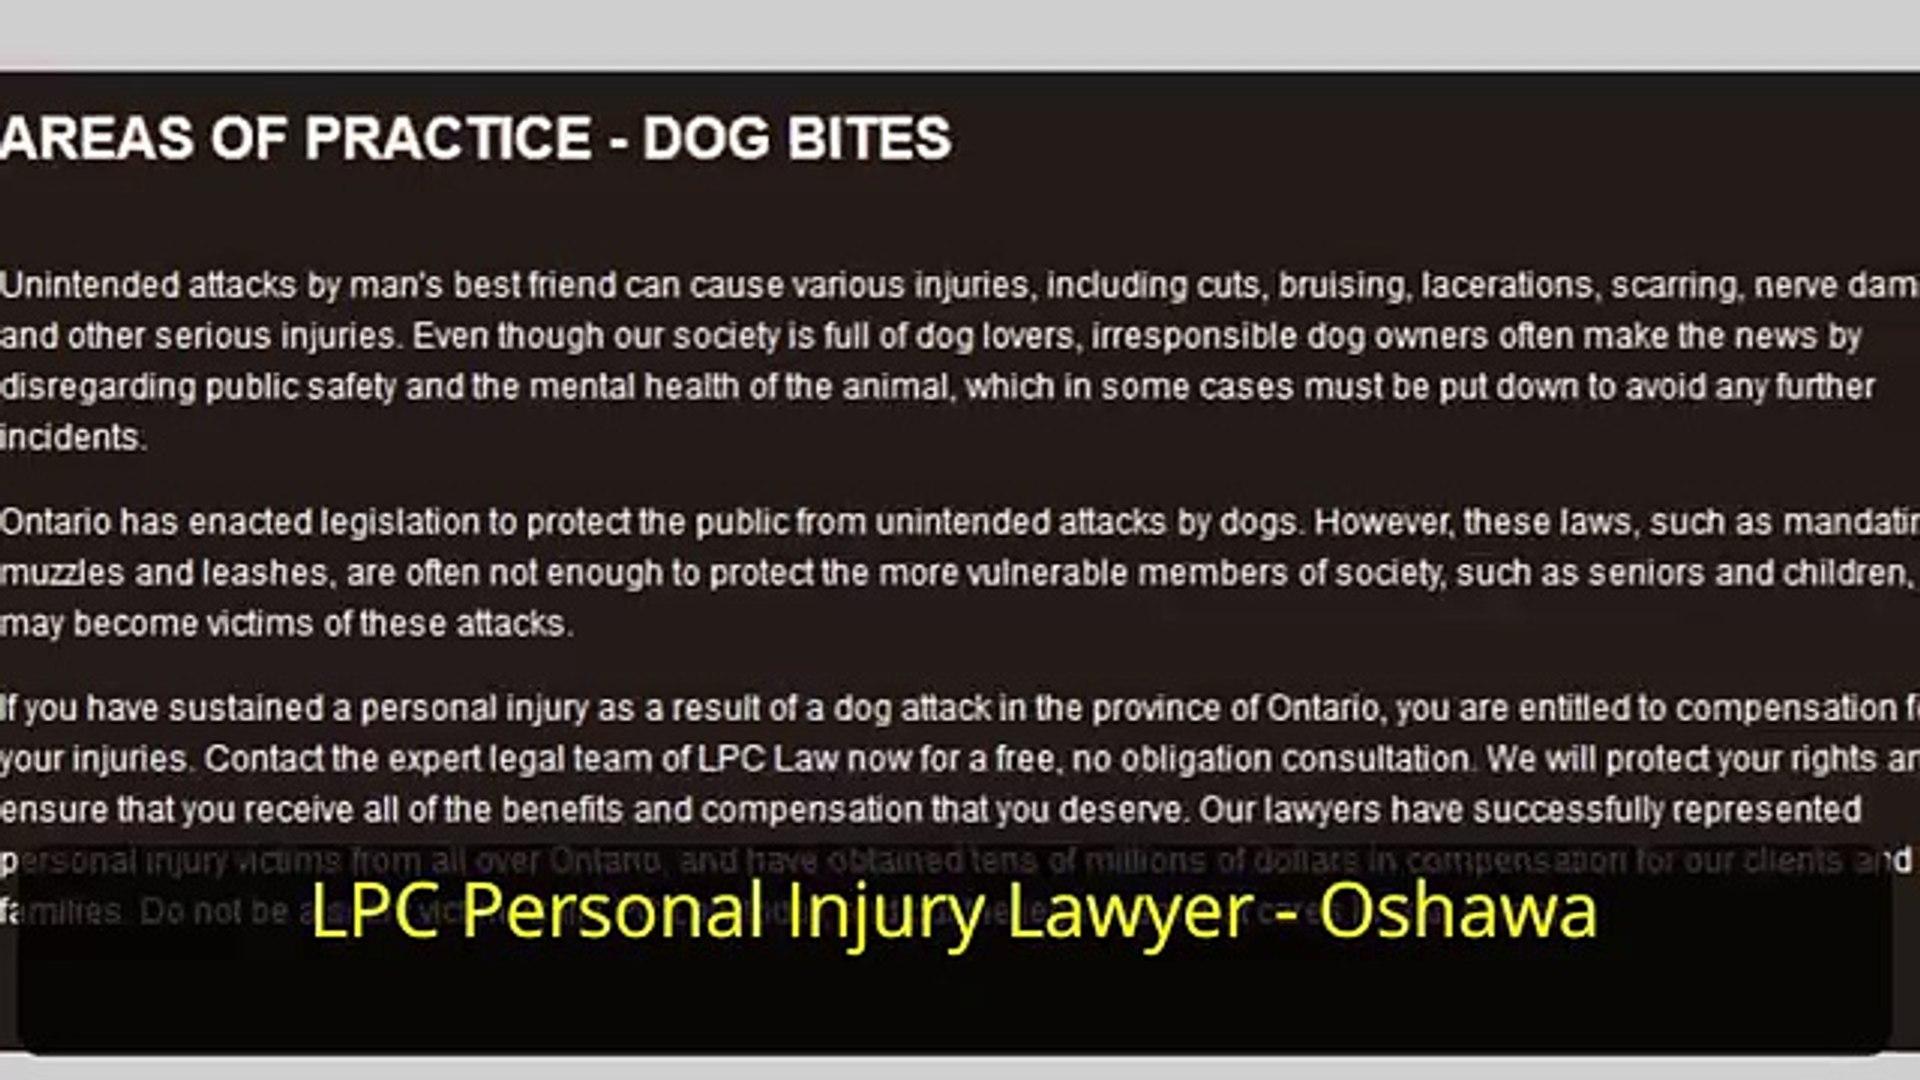 Personal Attorney Lawyer Oshawa ON - LPC - Personal Injury Lawyer Oshawa (800) 646-4179